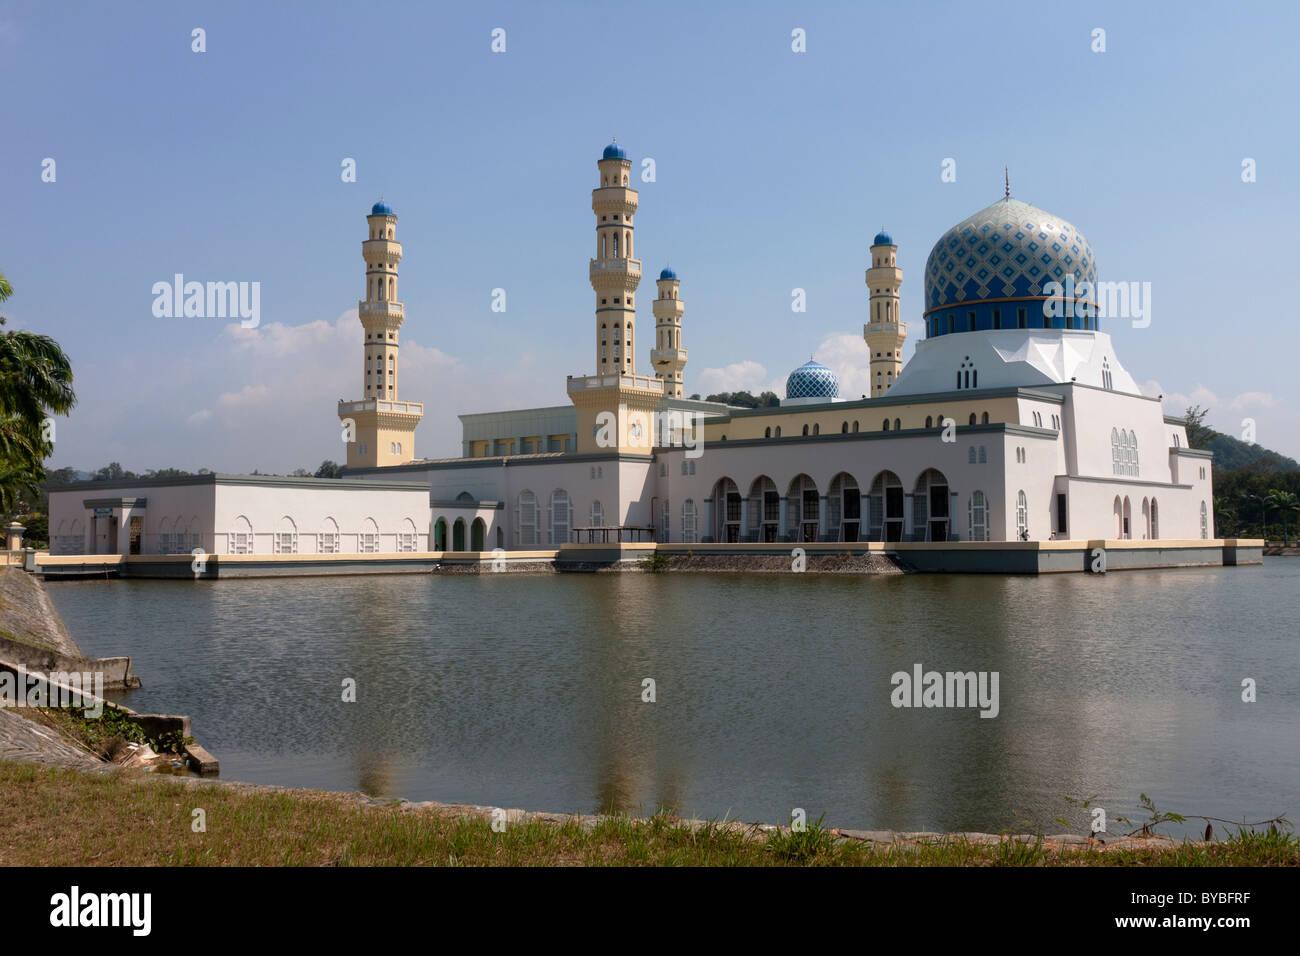 The Mosque at Kota Kinabalu, Sabah, Malaysian Borneo - Stock Image